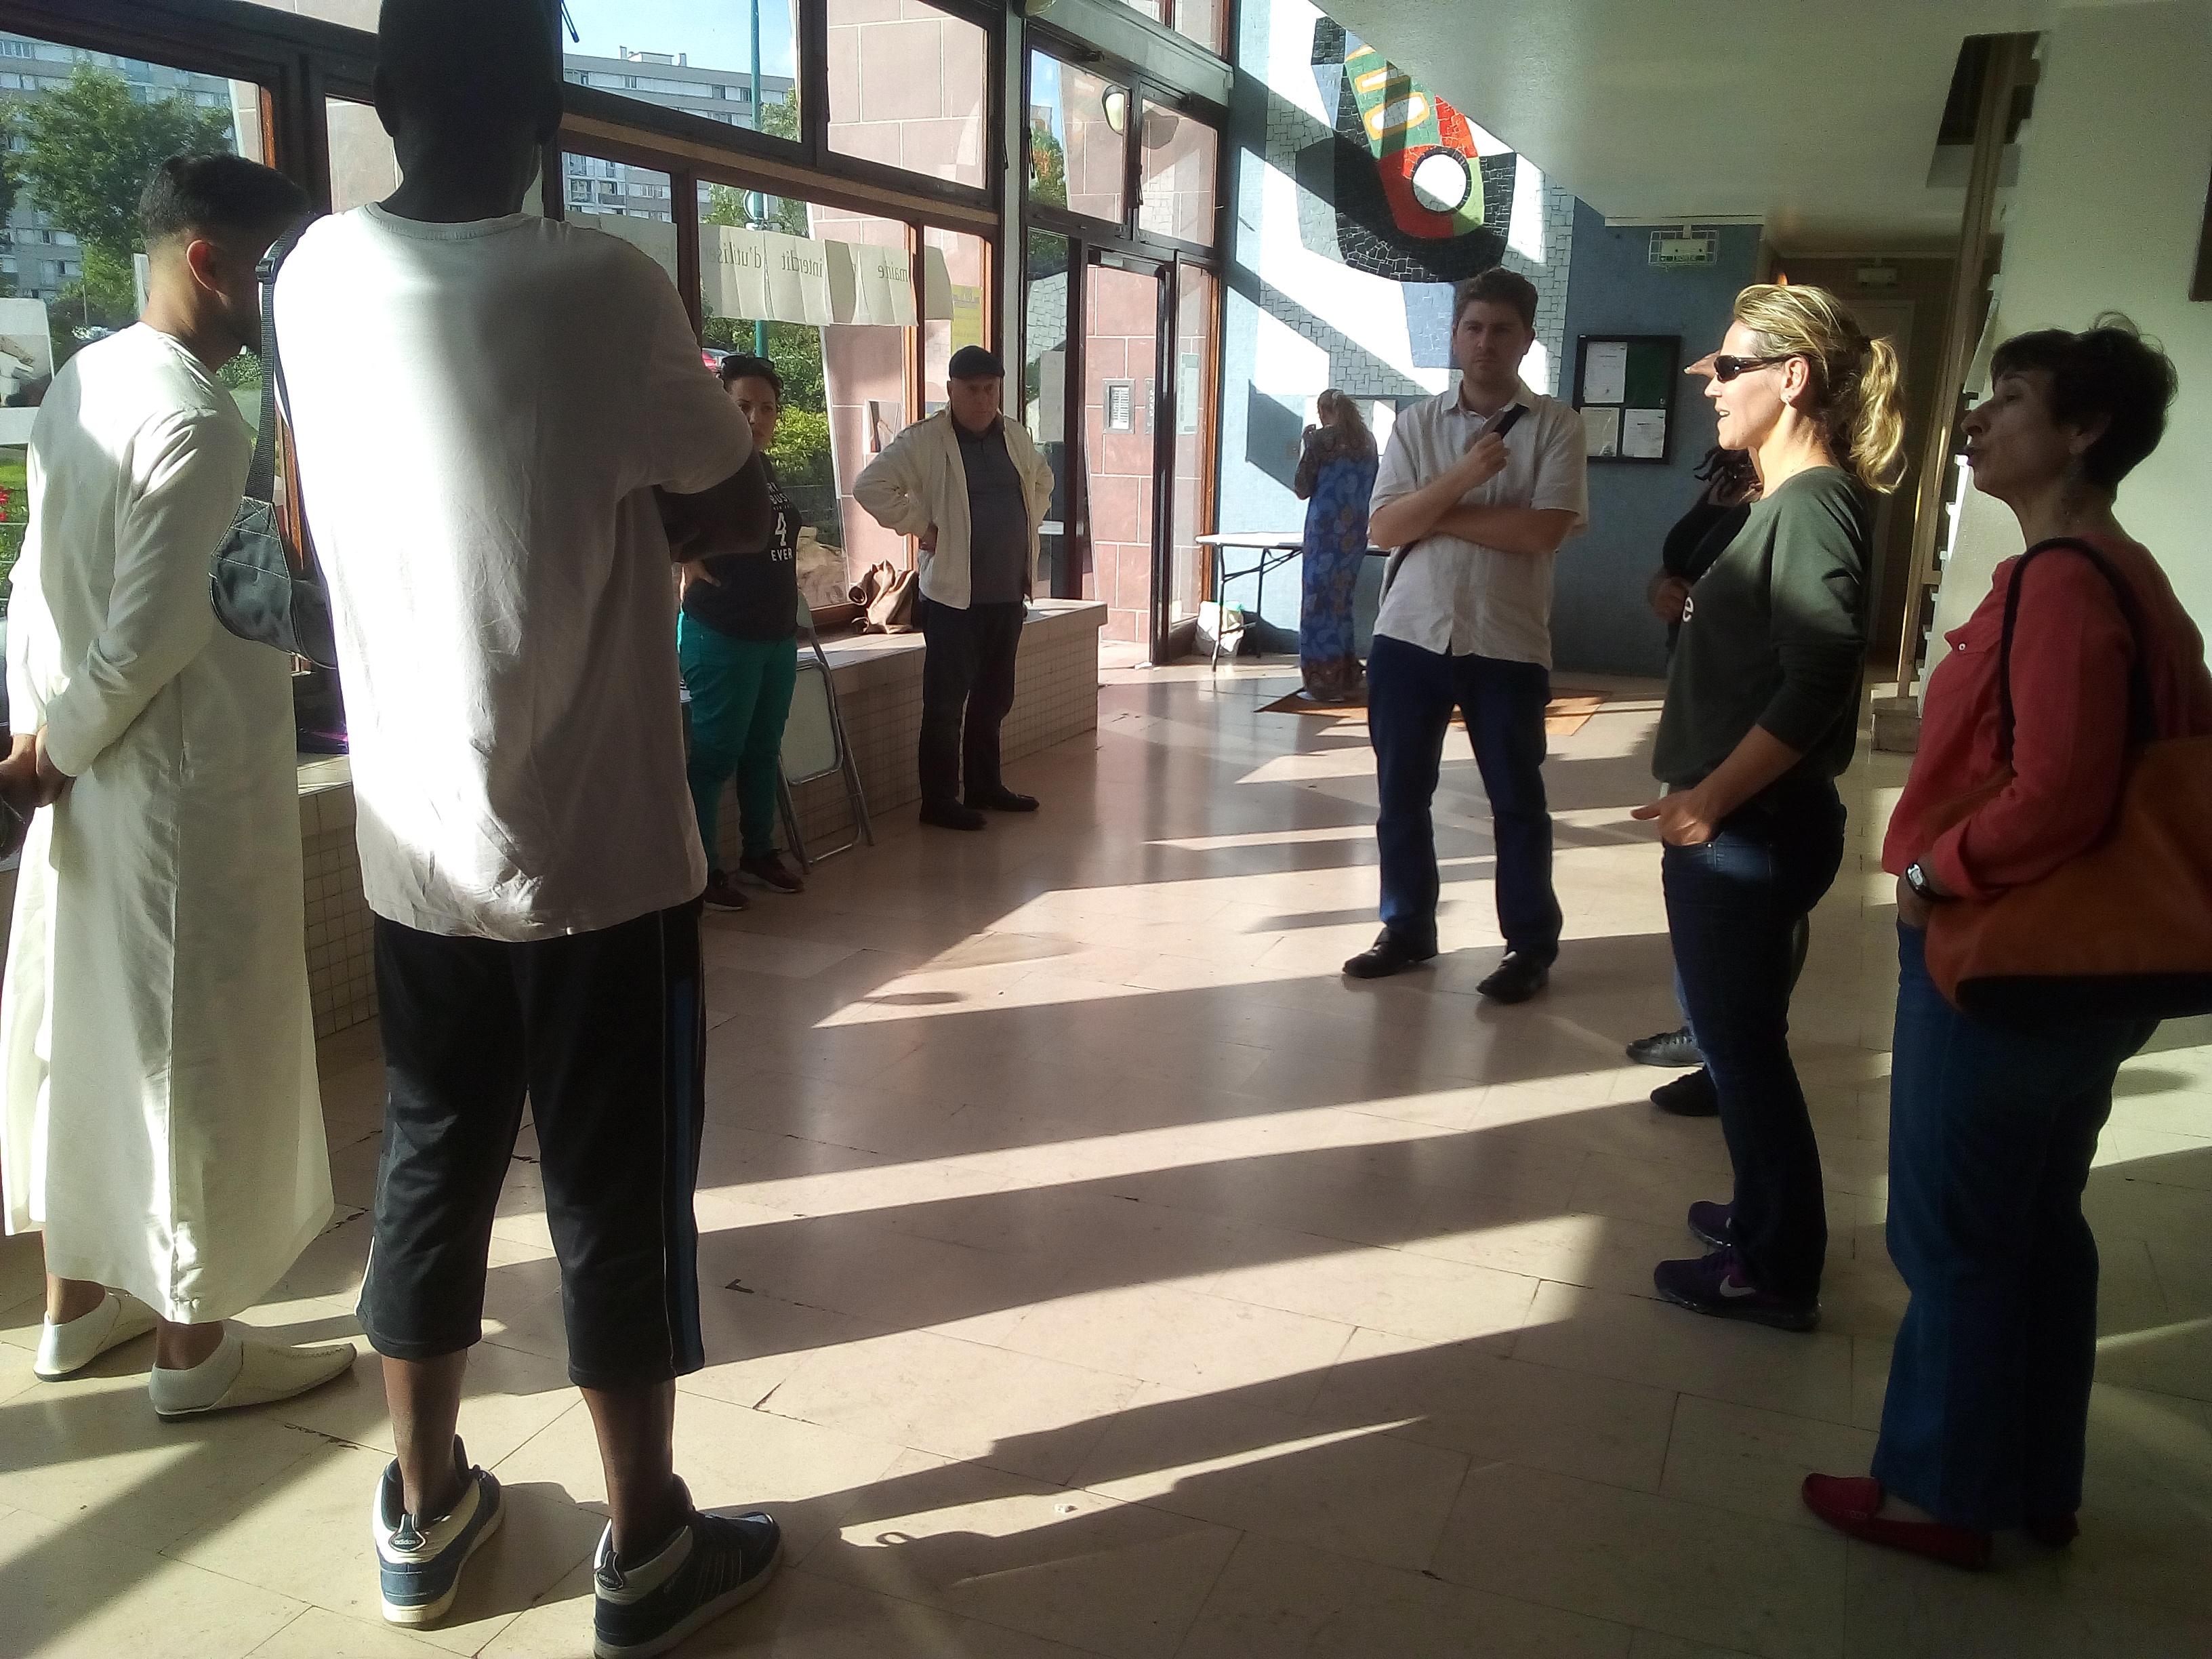 Privés de salle par la mairie, ils organisent leur réunion dans le hall de l'immeuble